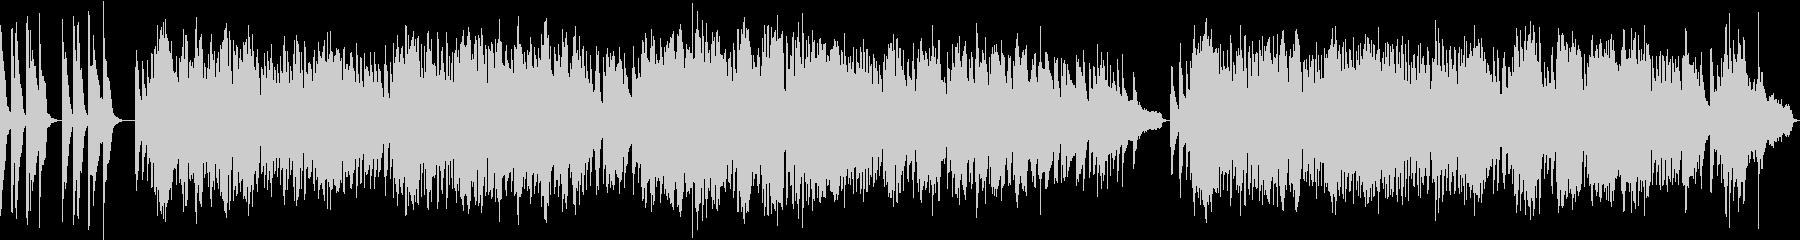 遺作/ショパン・ソフトピアノの未再生の波形